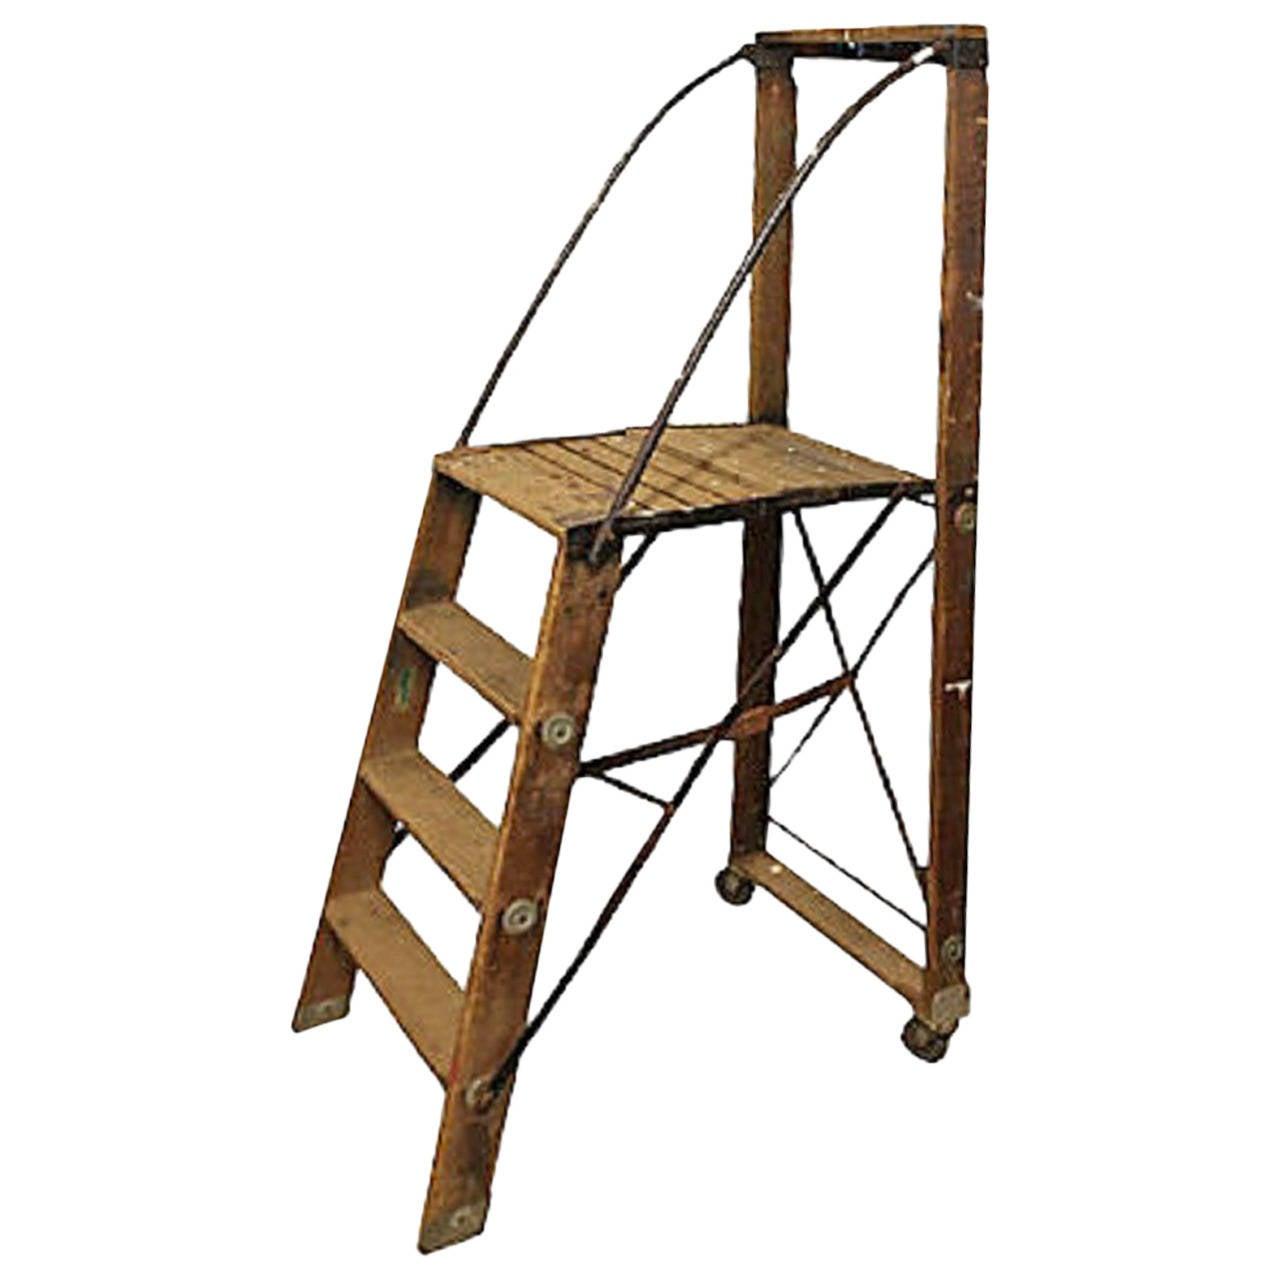 Vintage Old Antique Ladder Rustic Step Wood Folding Ladders Shelve House Decor Ladder Decor Idea Blanket Ladder Decor Rustic Blanket Ladder Wallpaper Decor